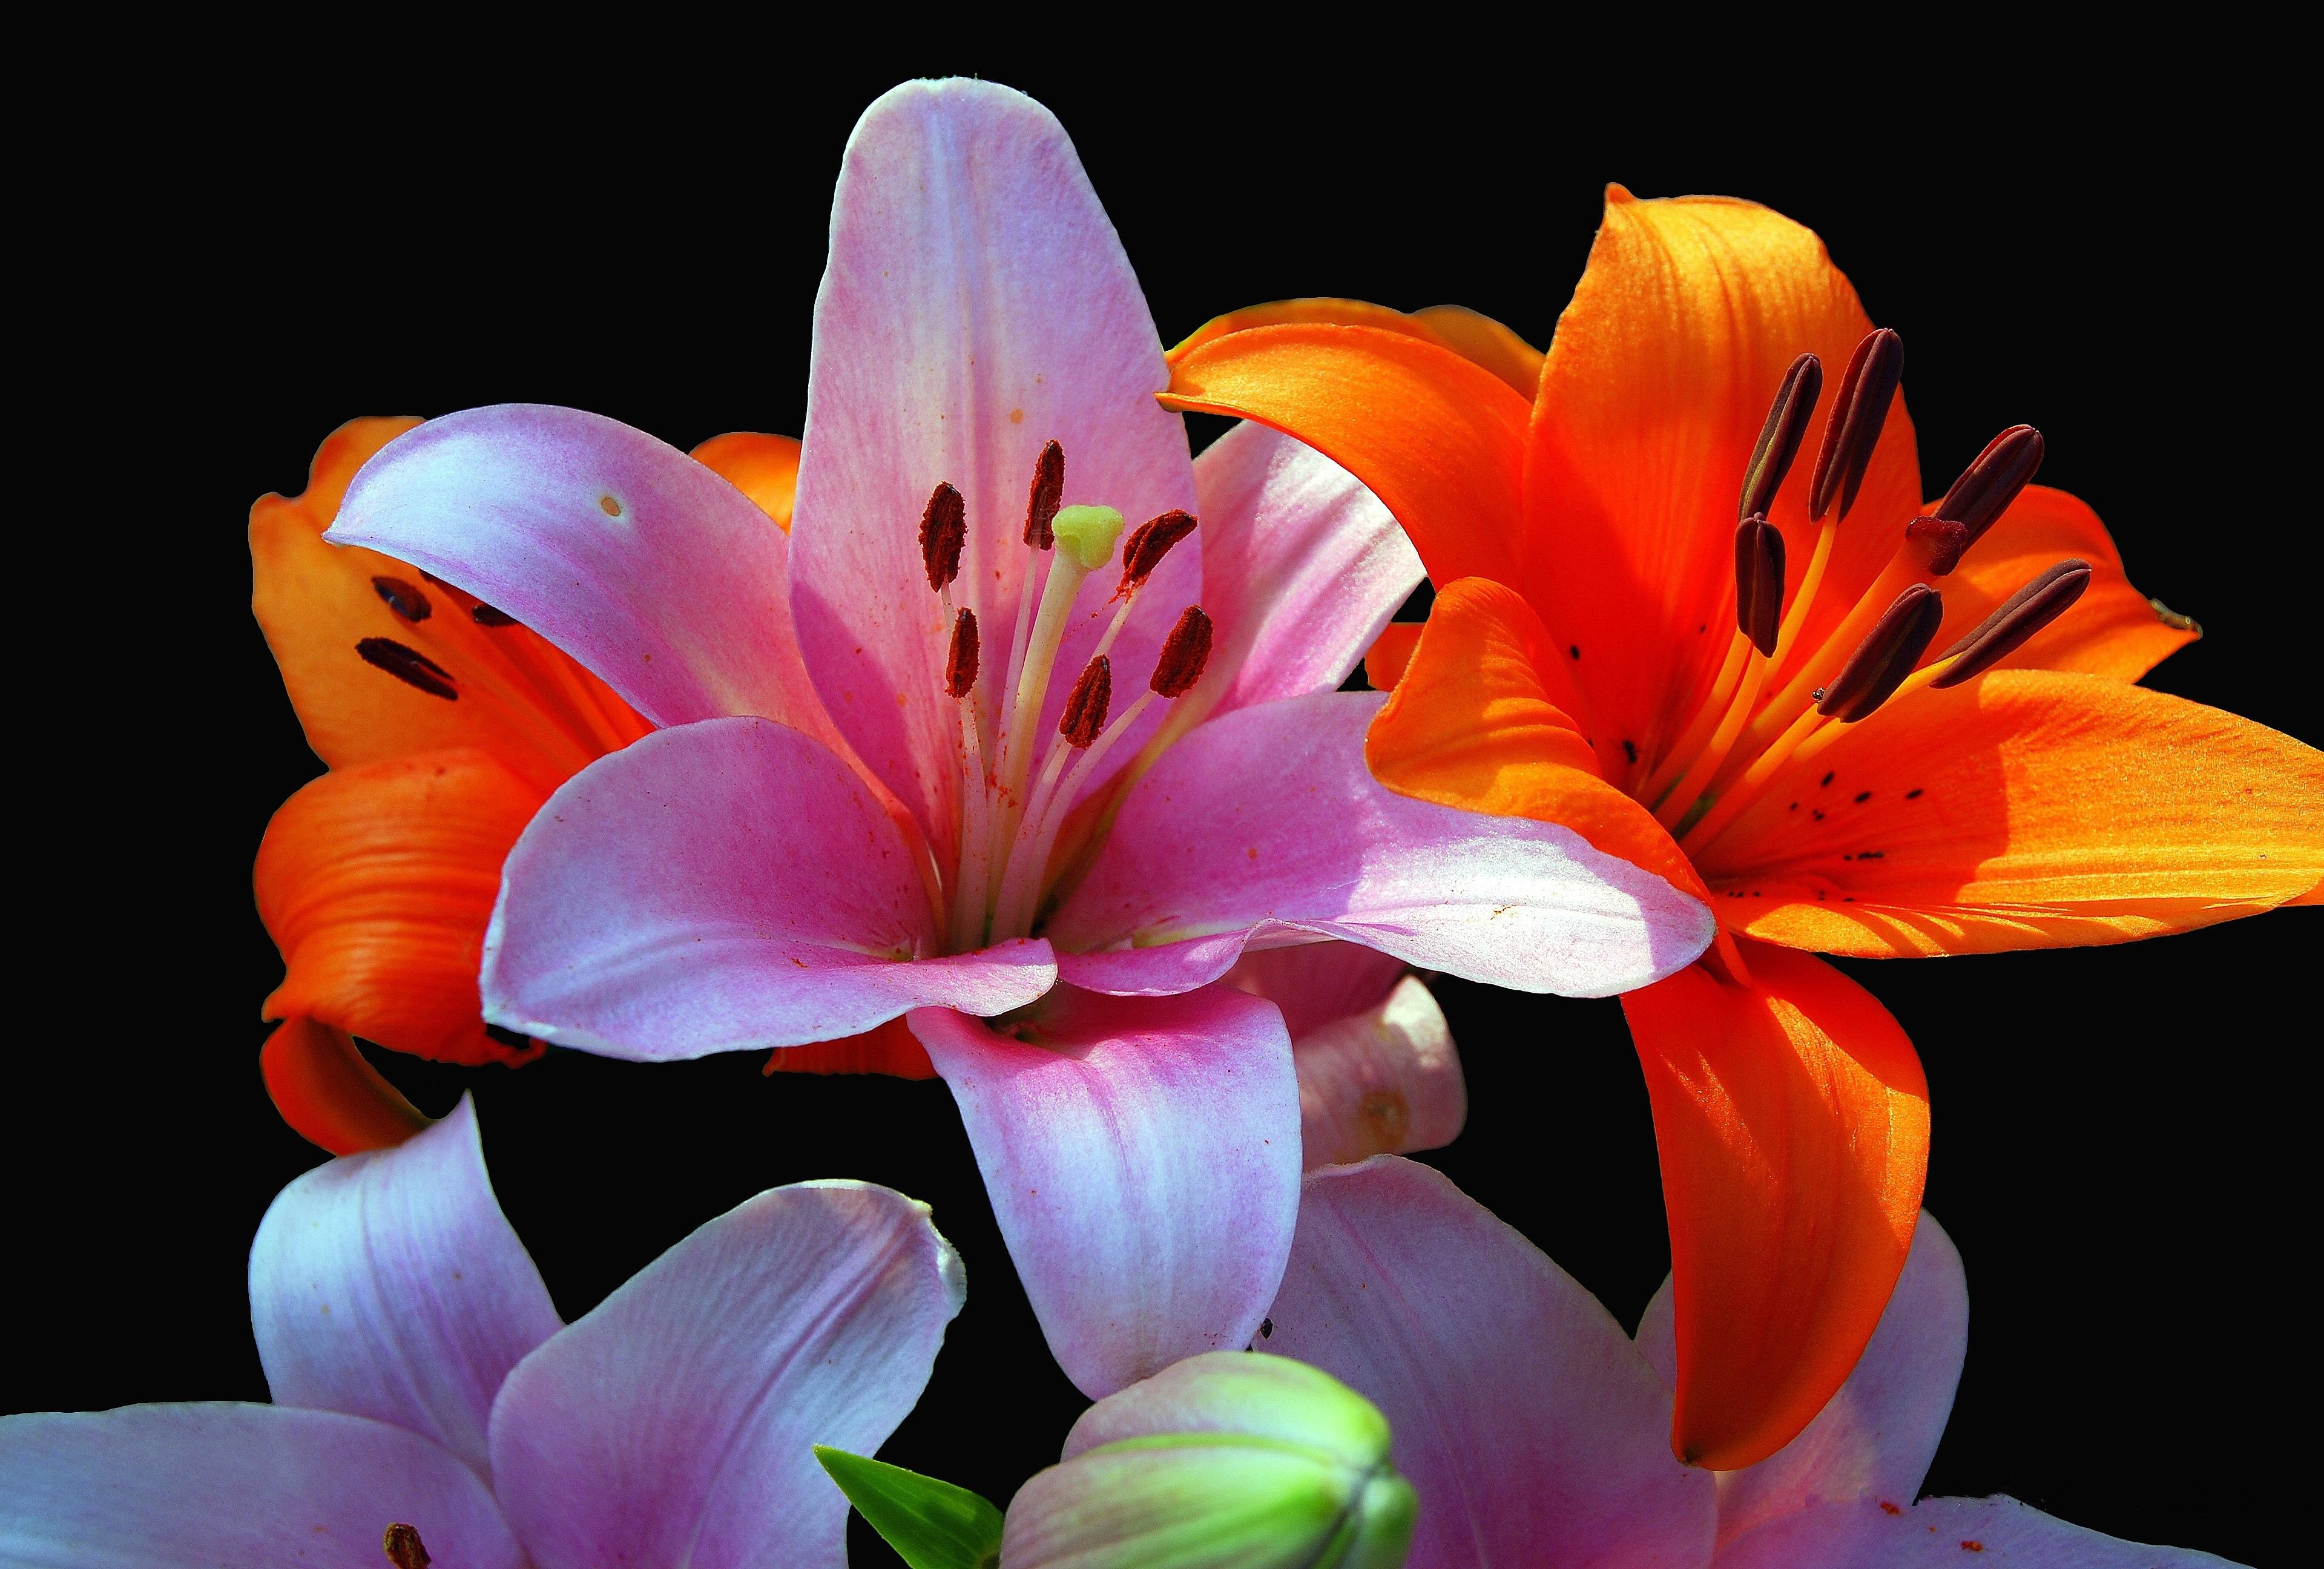 Деревне, красивые картинки с цветами лилии